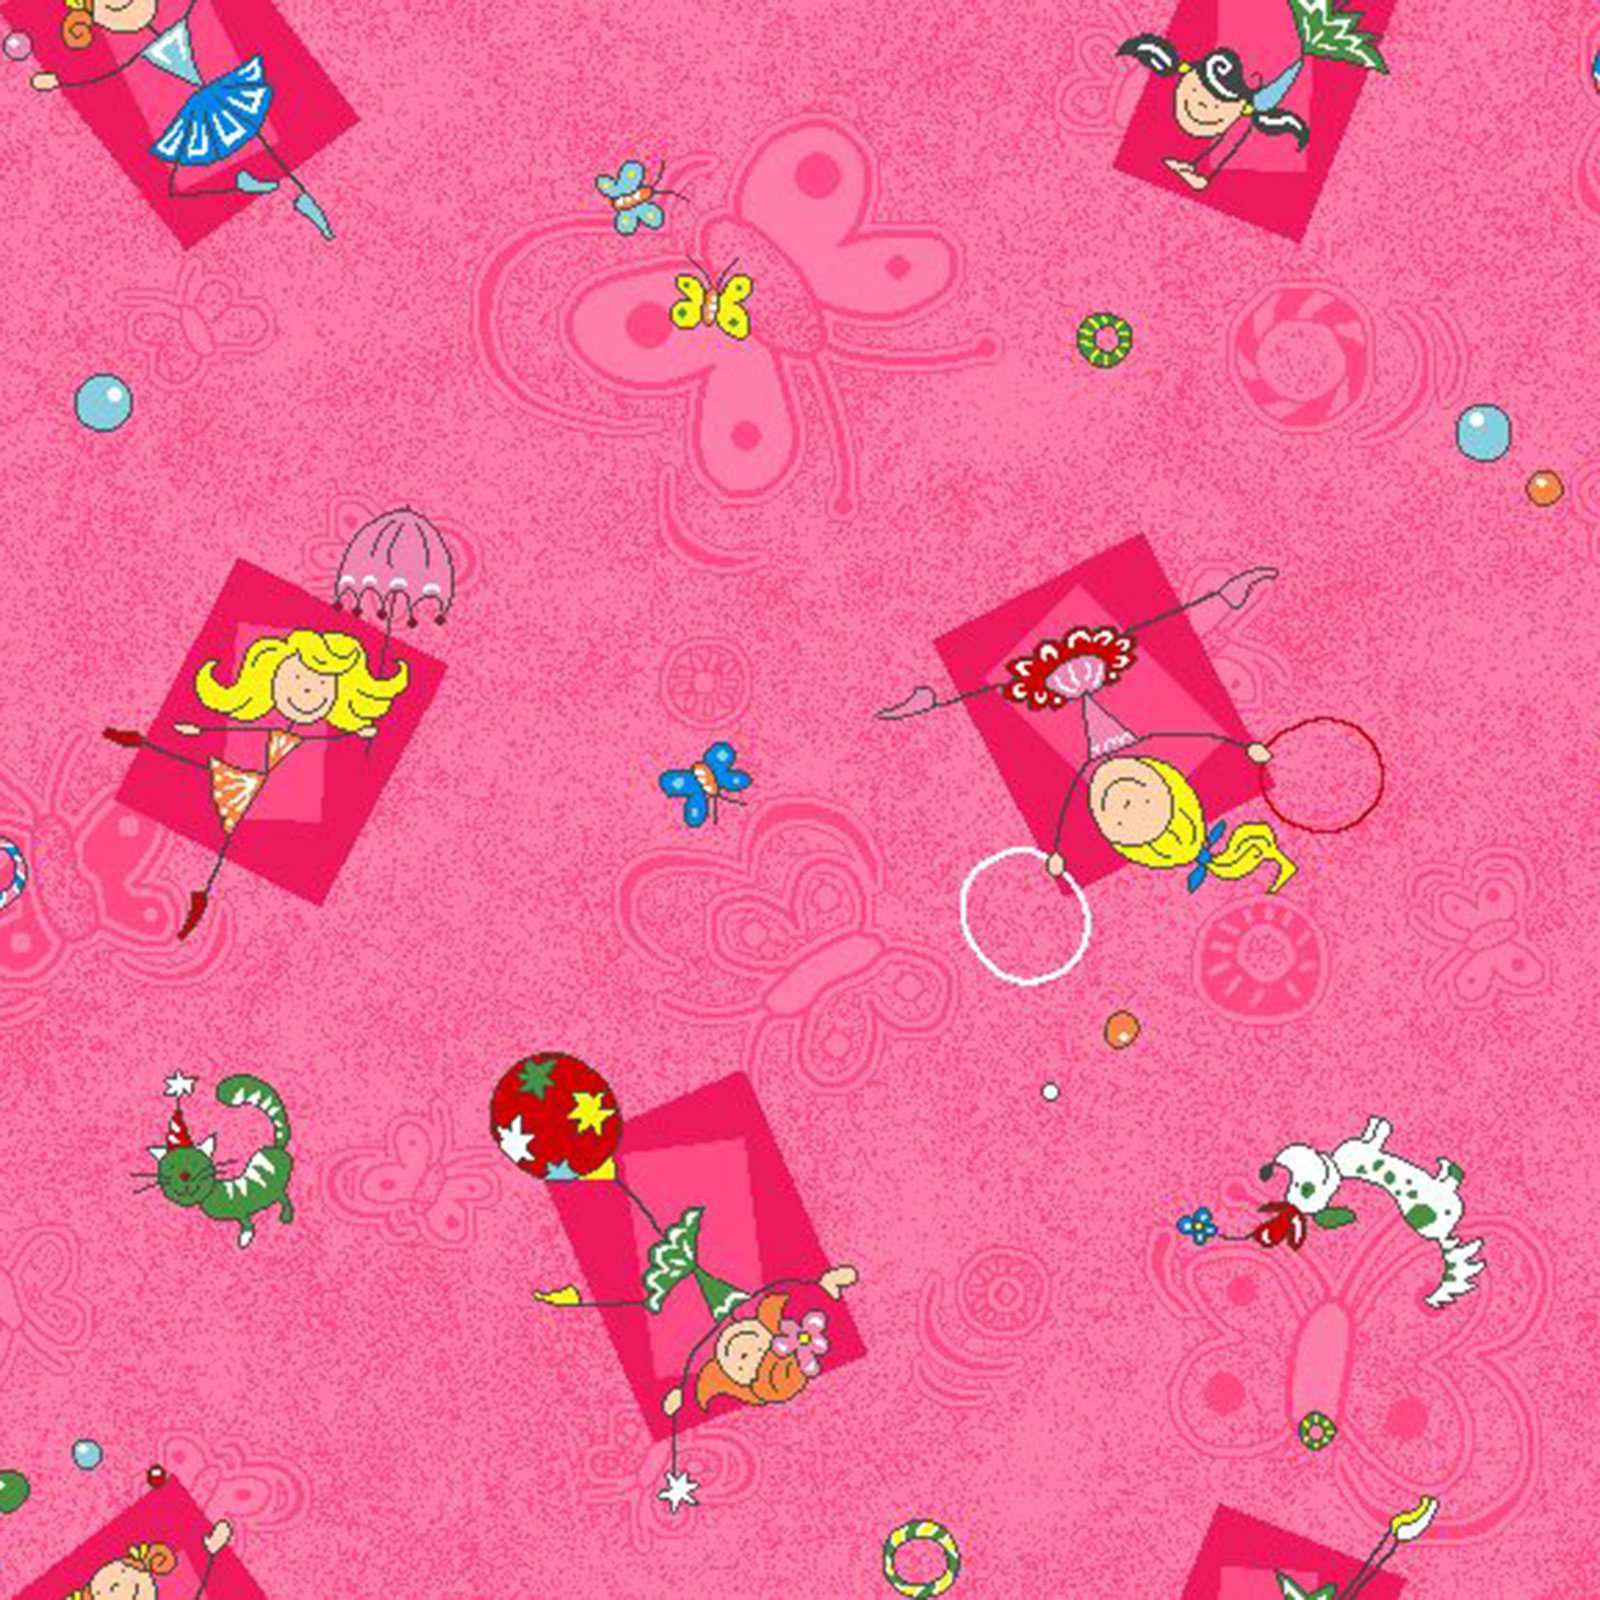 Teppichboden happy pink 4 meter breit teppichboden for Kuchenzeile 4 meter breit